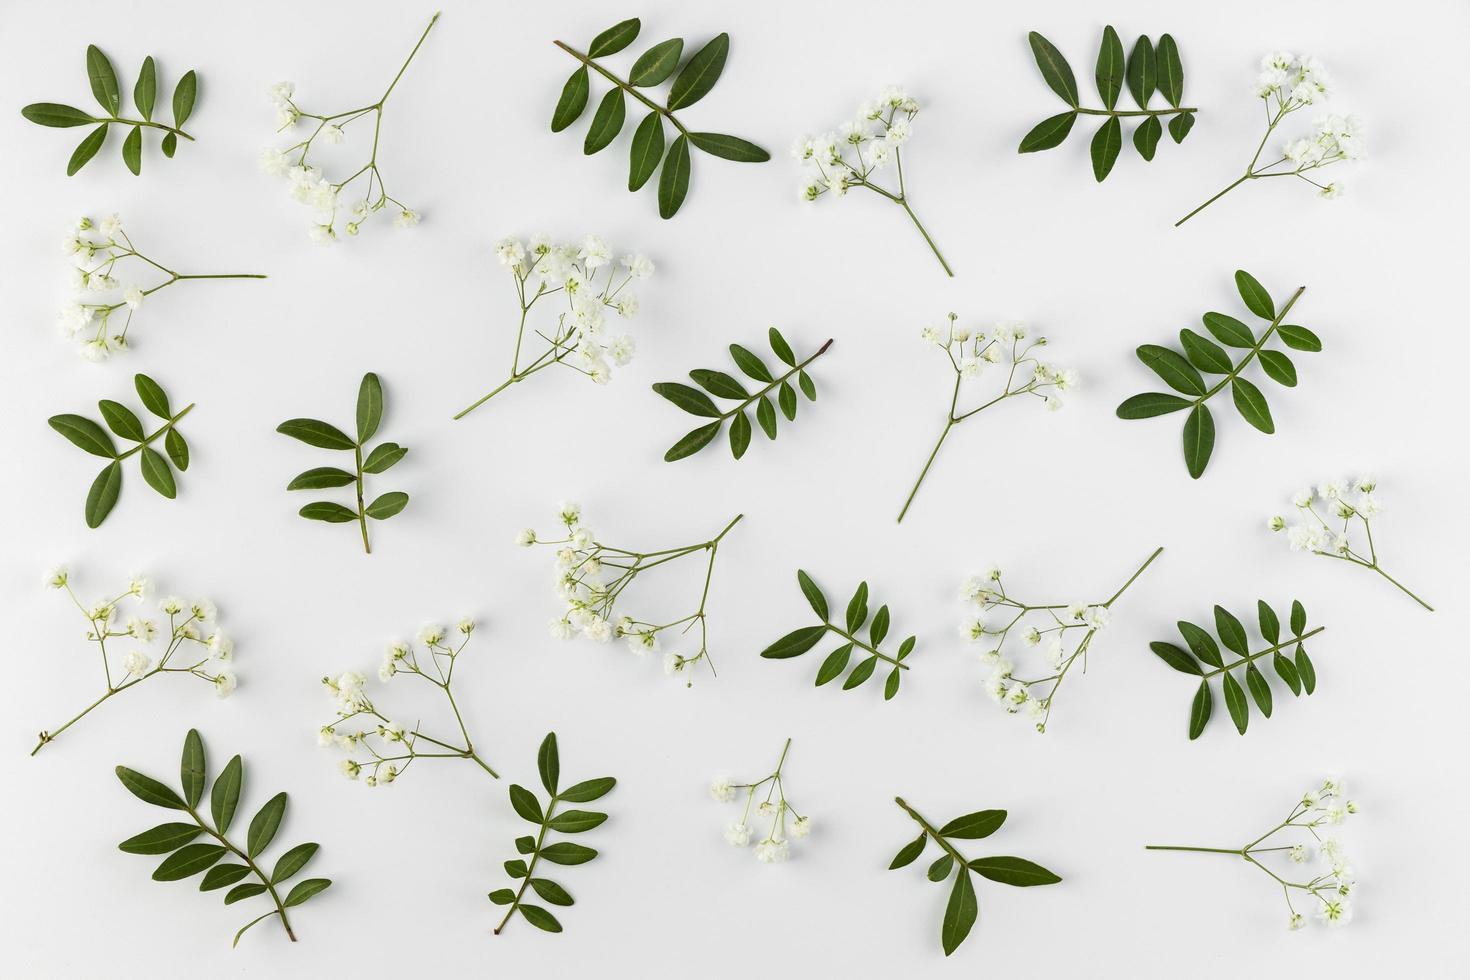 fiori piatti laici su sfondo bianco foto